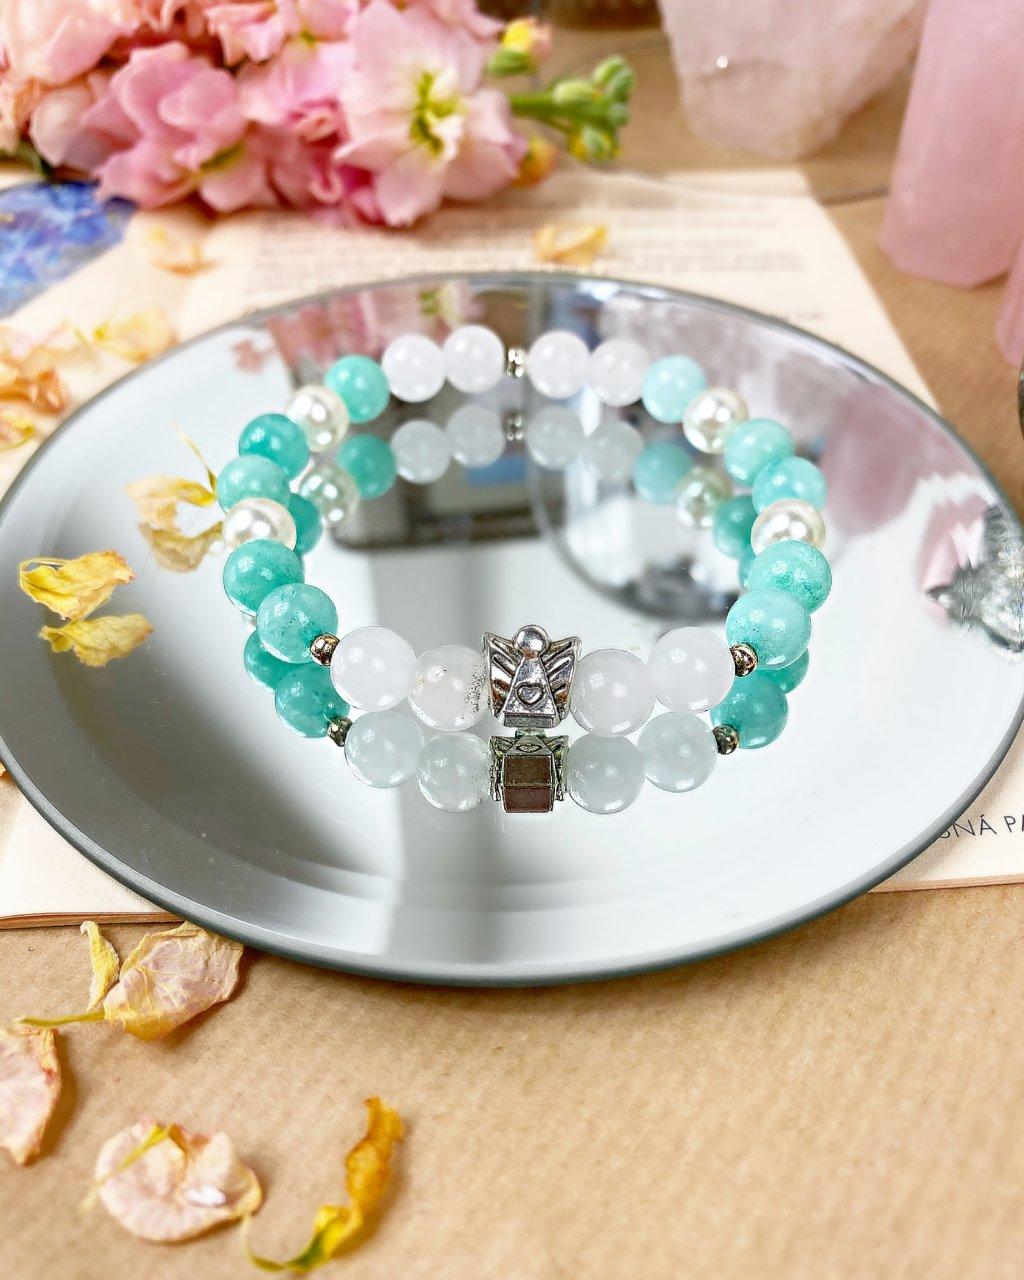 Náramek z minerálů andělská ochrana s perlou, zeleným avanturínem a mléčným křišťálem